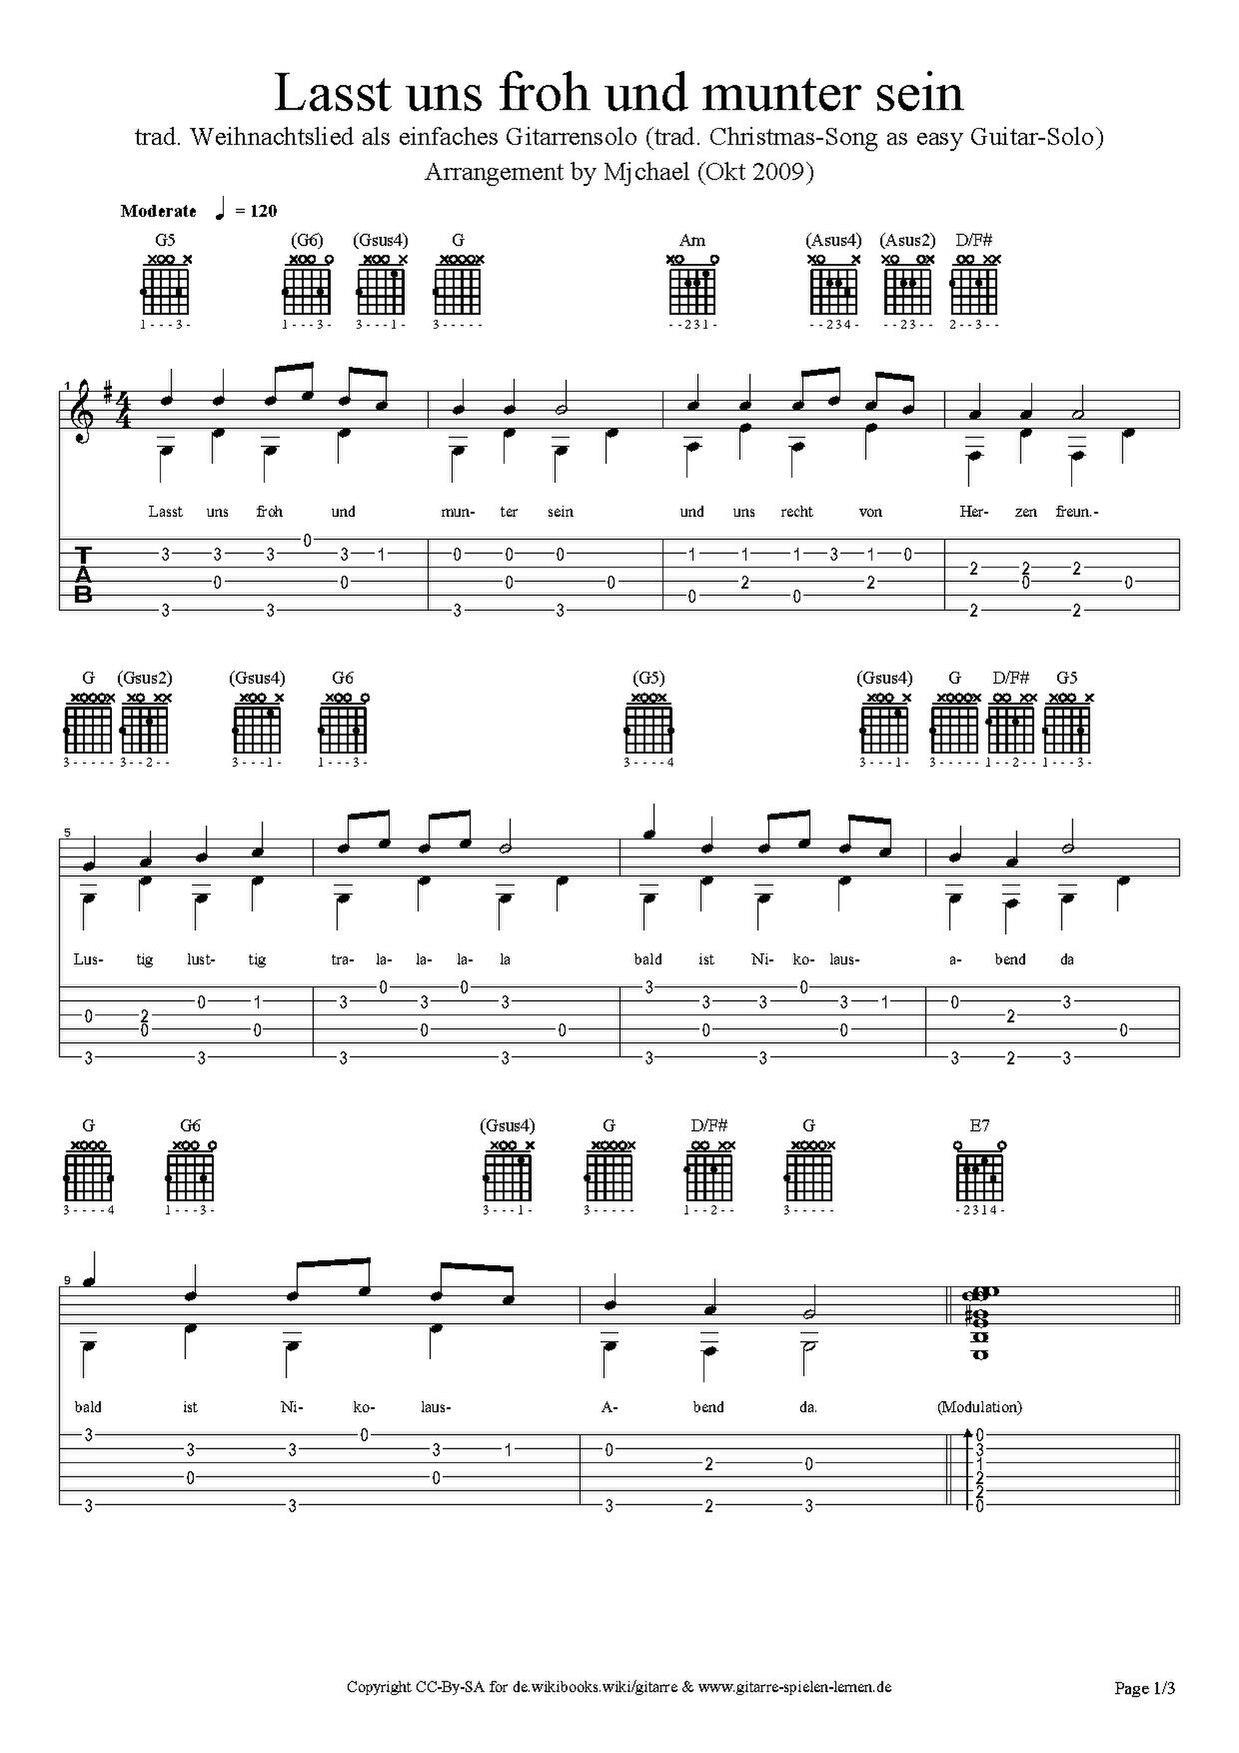 Liederbuch/ Lasst uns froh und munter sein/ Gitarrentabulatur ...